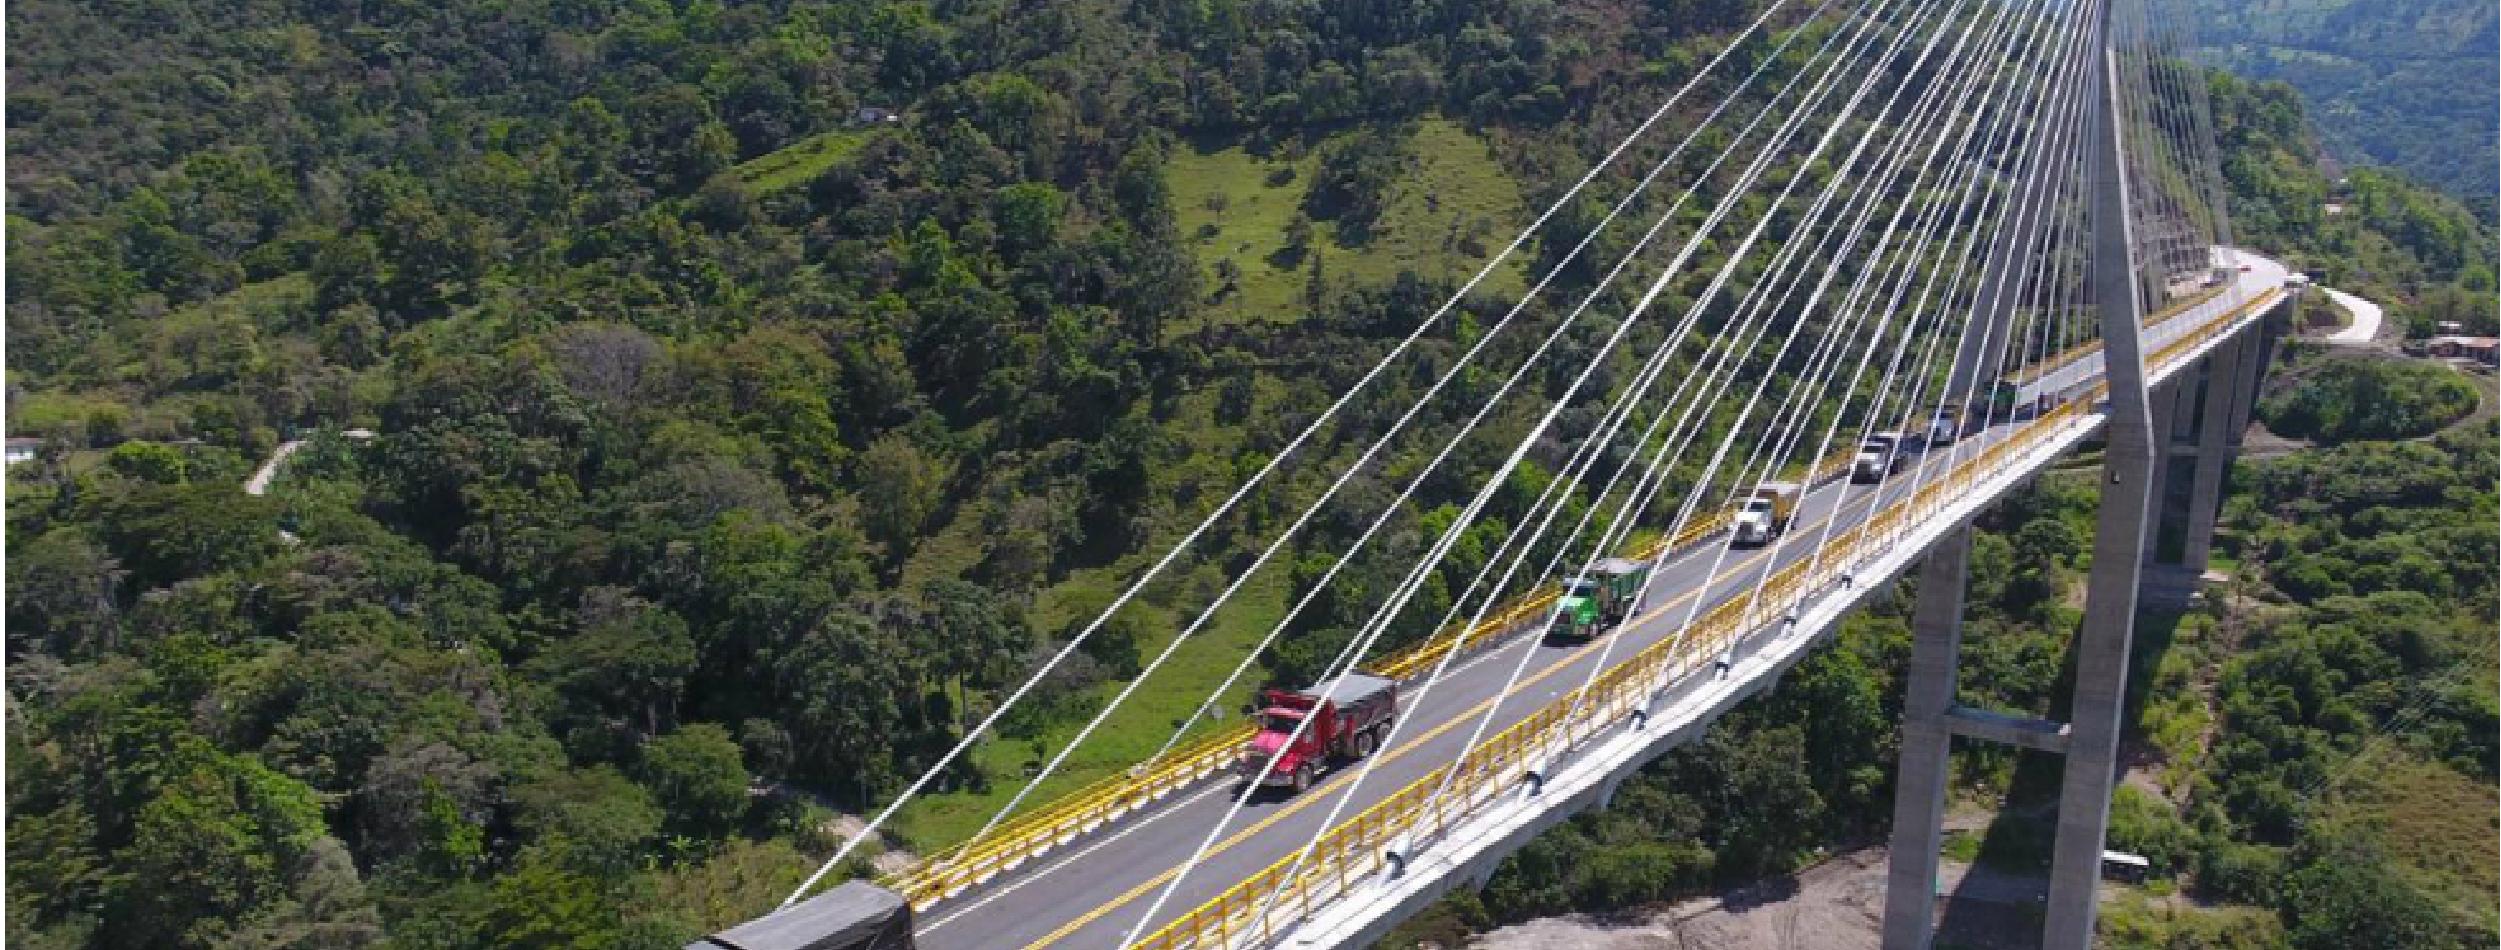 Llegó final de año y el puente Hisgaura es un gran elefante en Santander   | Santander | EL FRENTE